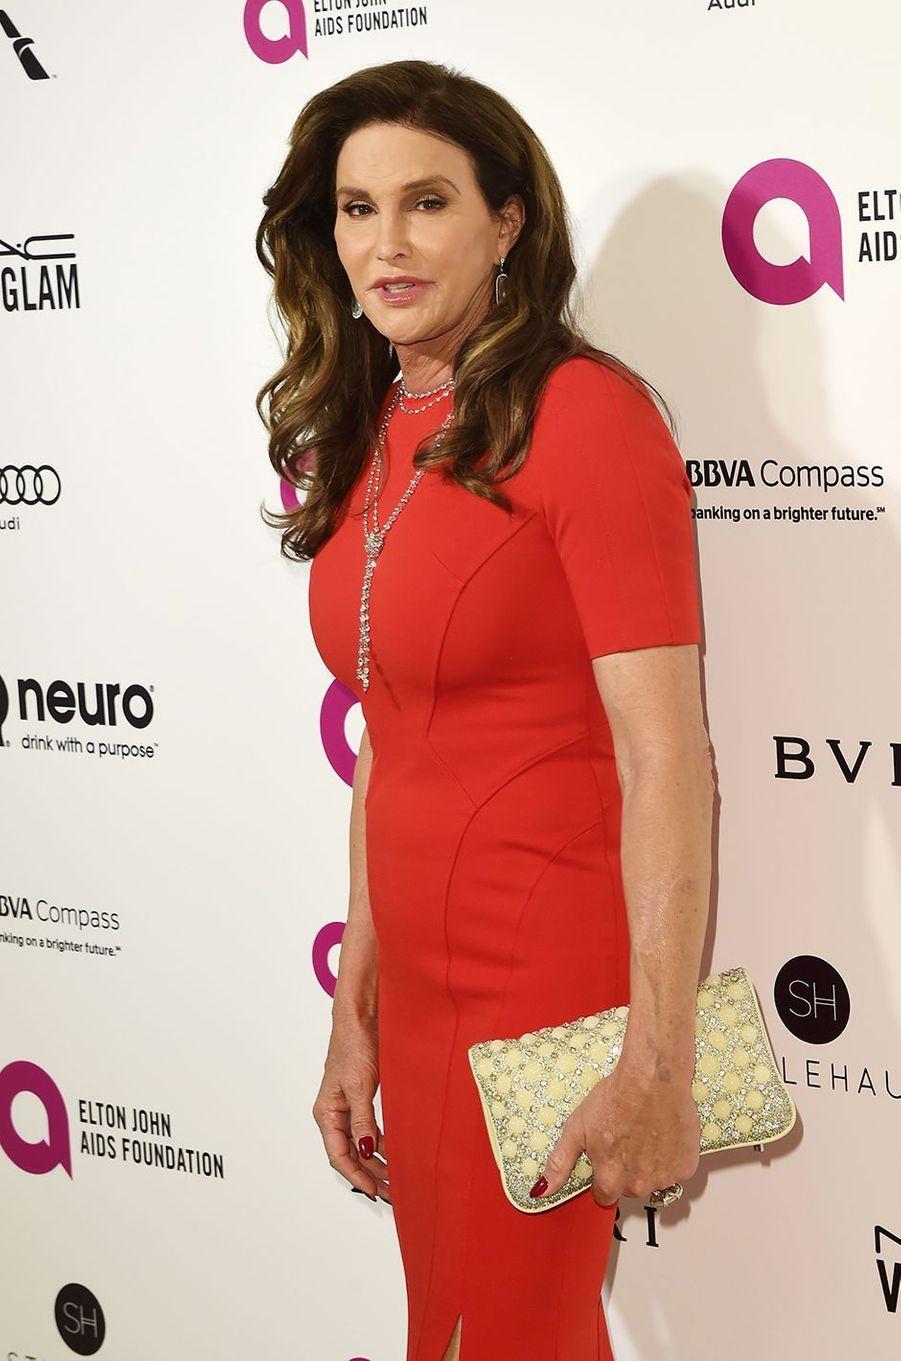 Caitlyn Jenner au gala organisé au profit de la recherche contre le Sida à Los Angeles le 28 février 2016